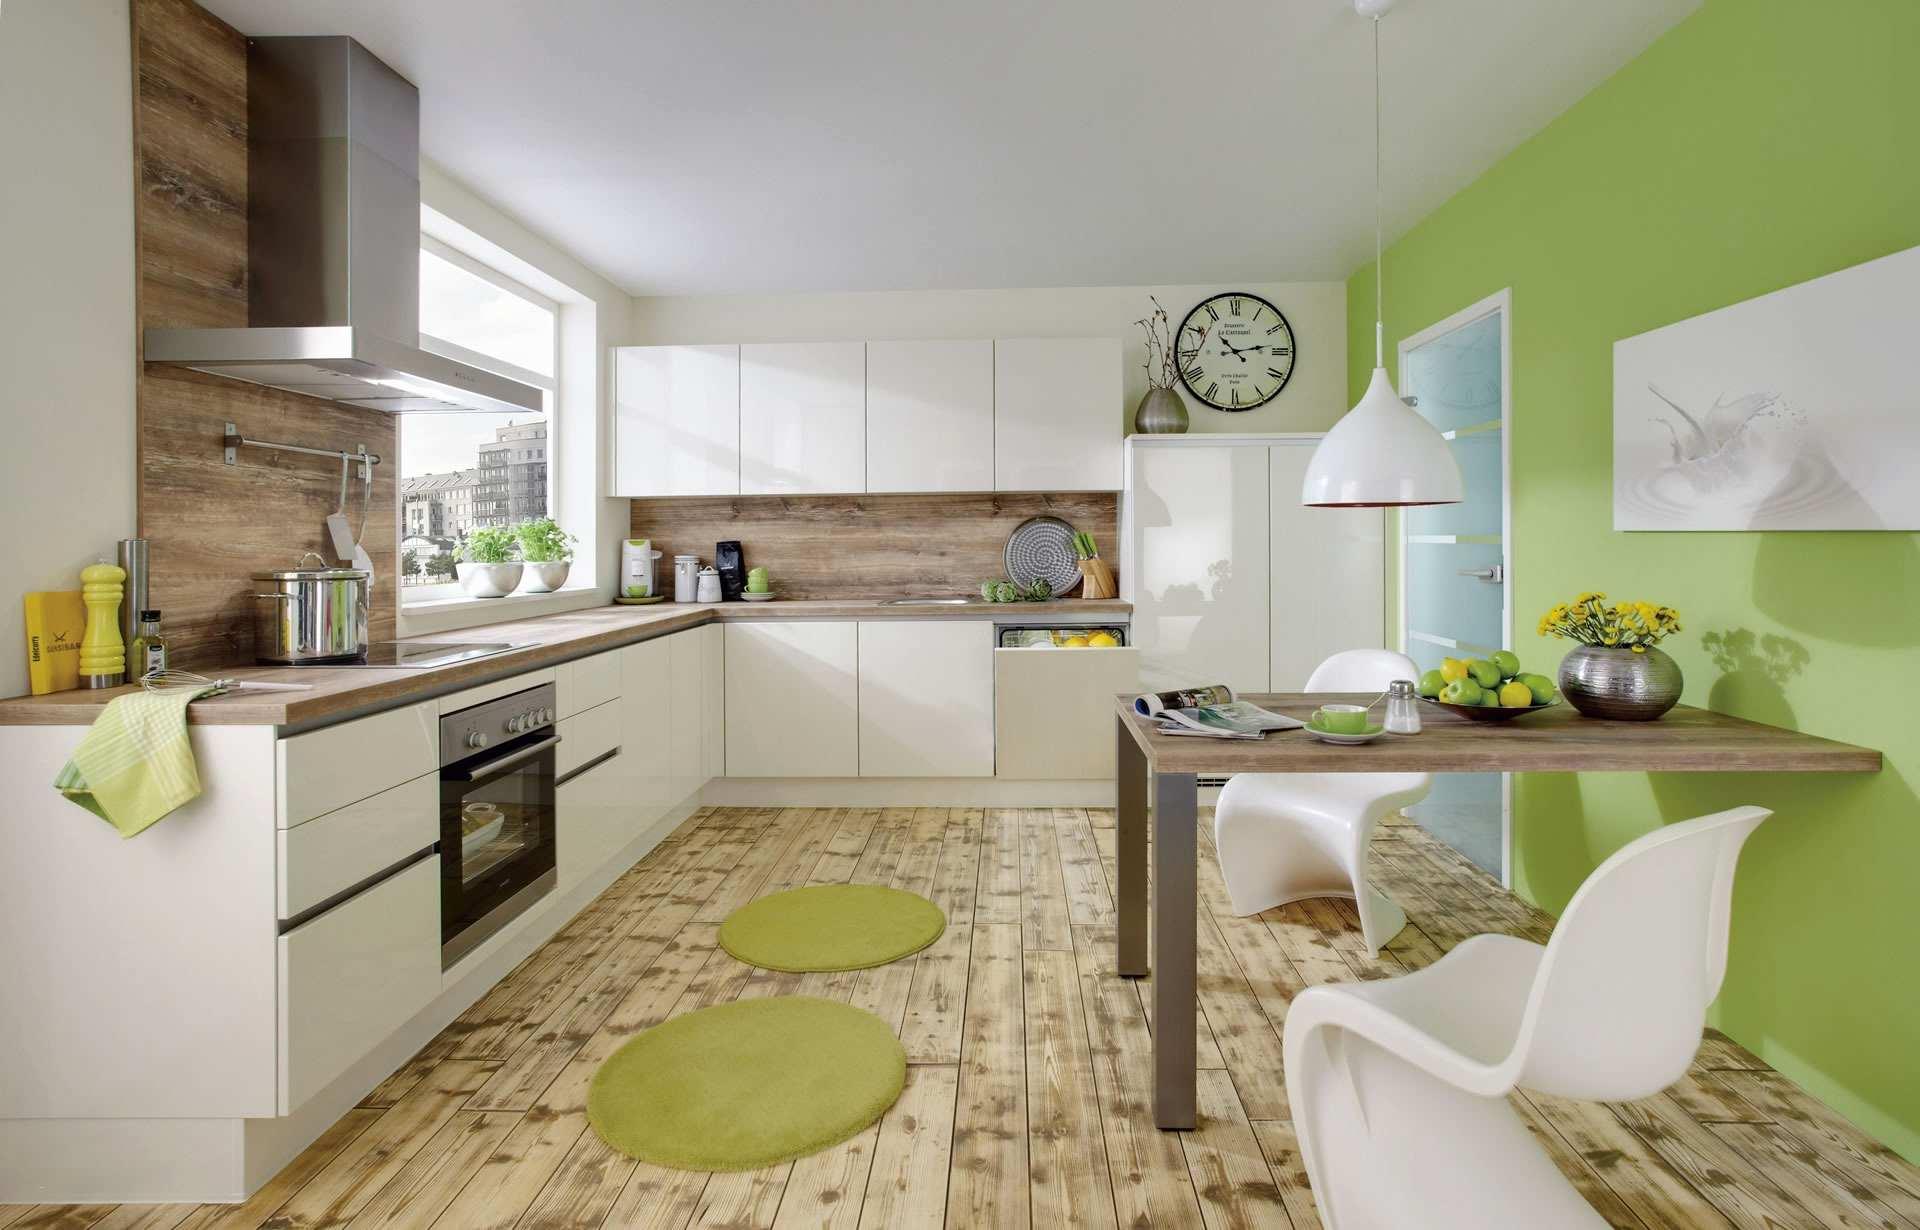 Full Size of Kche Farbe Wand Inspirierend Streichen Farbideen Fotos Küche Ohne Elektrogeräte Edelstahlküche Schwingtür Mini Behindertengerechte Abluftventilator Wohnzimmer Wandfarbe Küche